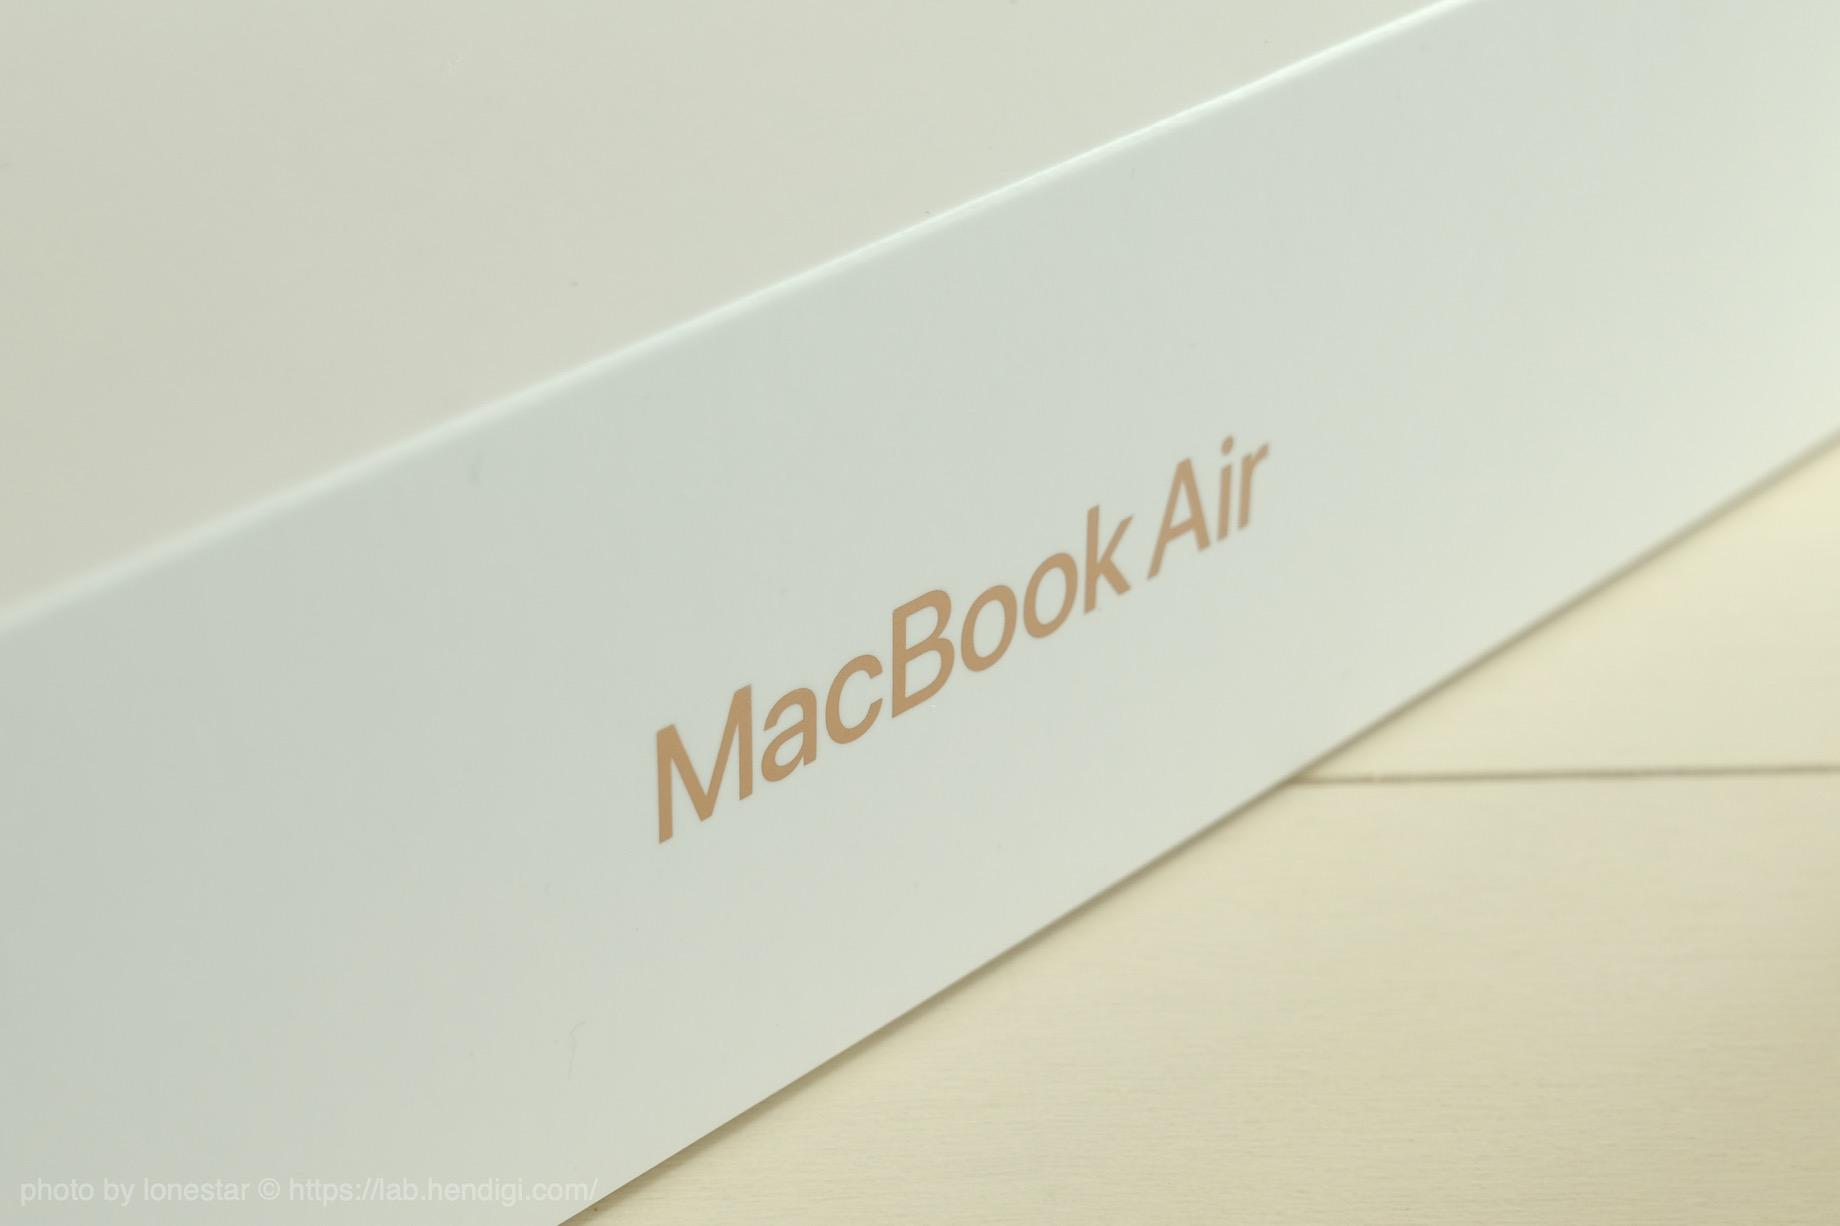 MacBook Air 2020 M1 レビュー